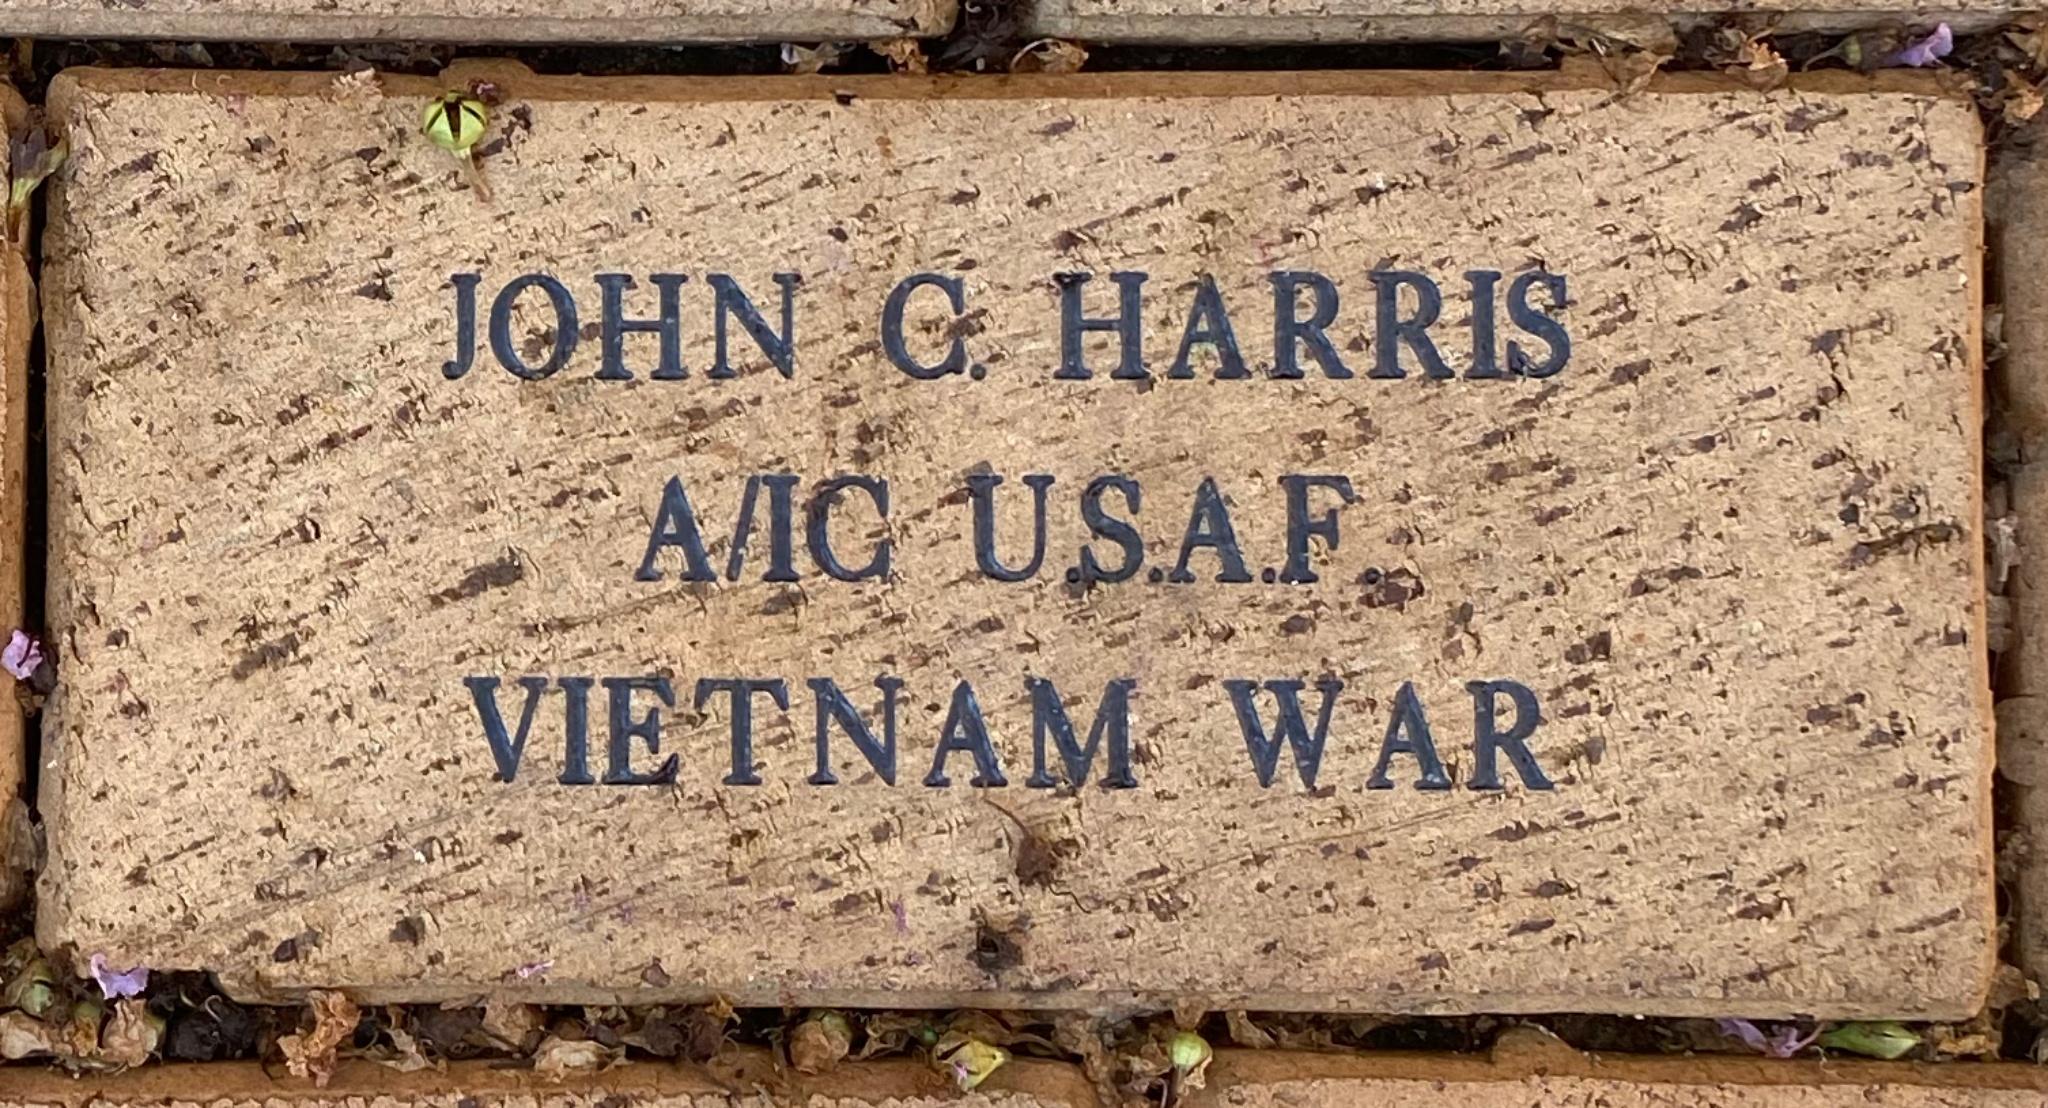 JOHN C. HARRIS A/IC U.S.A.F. VIETNAM WAR